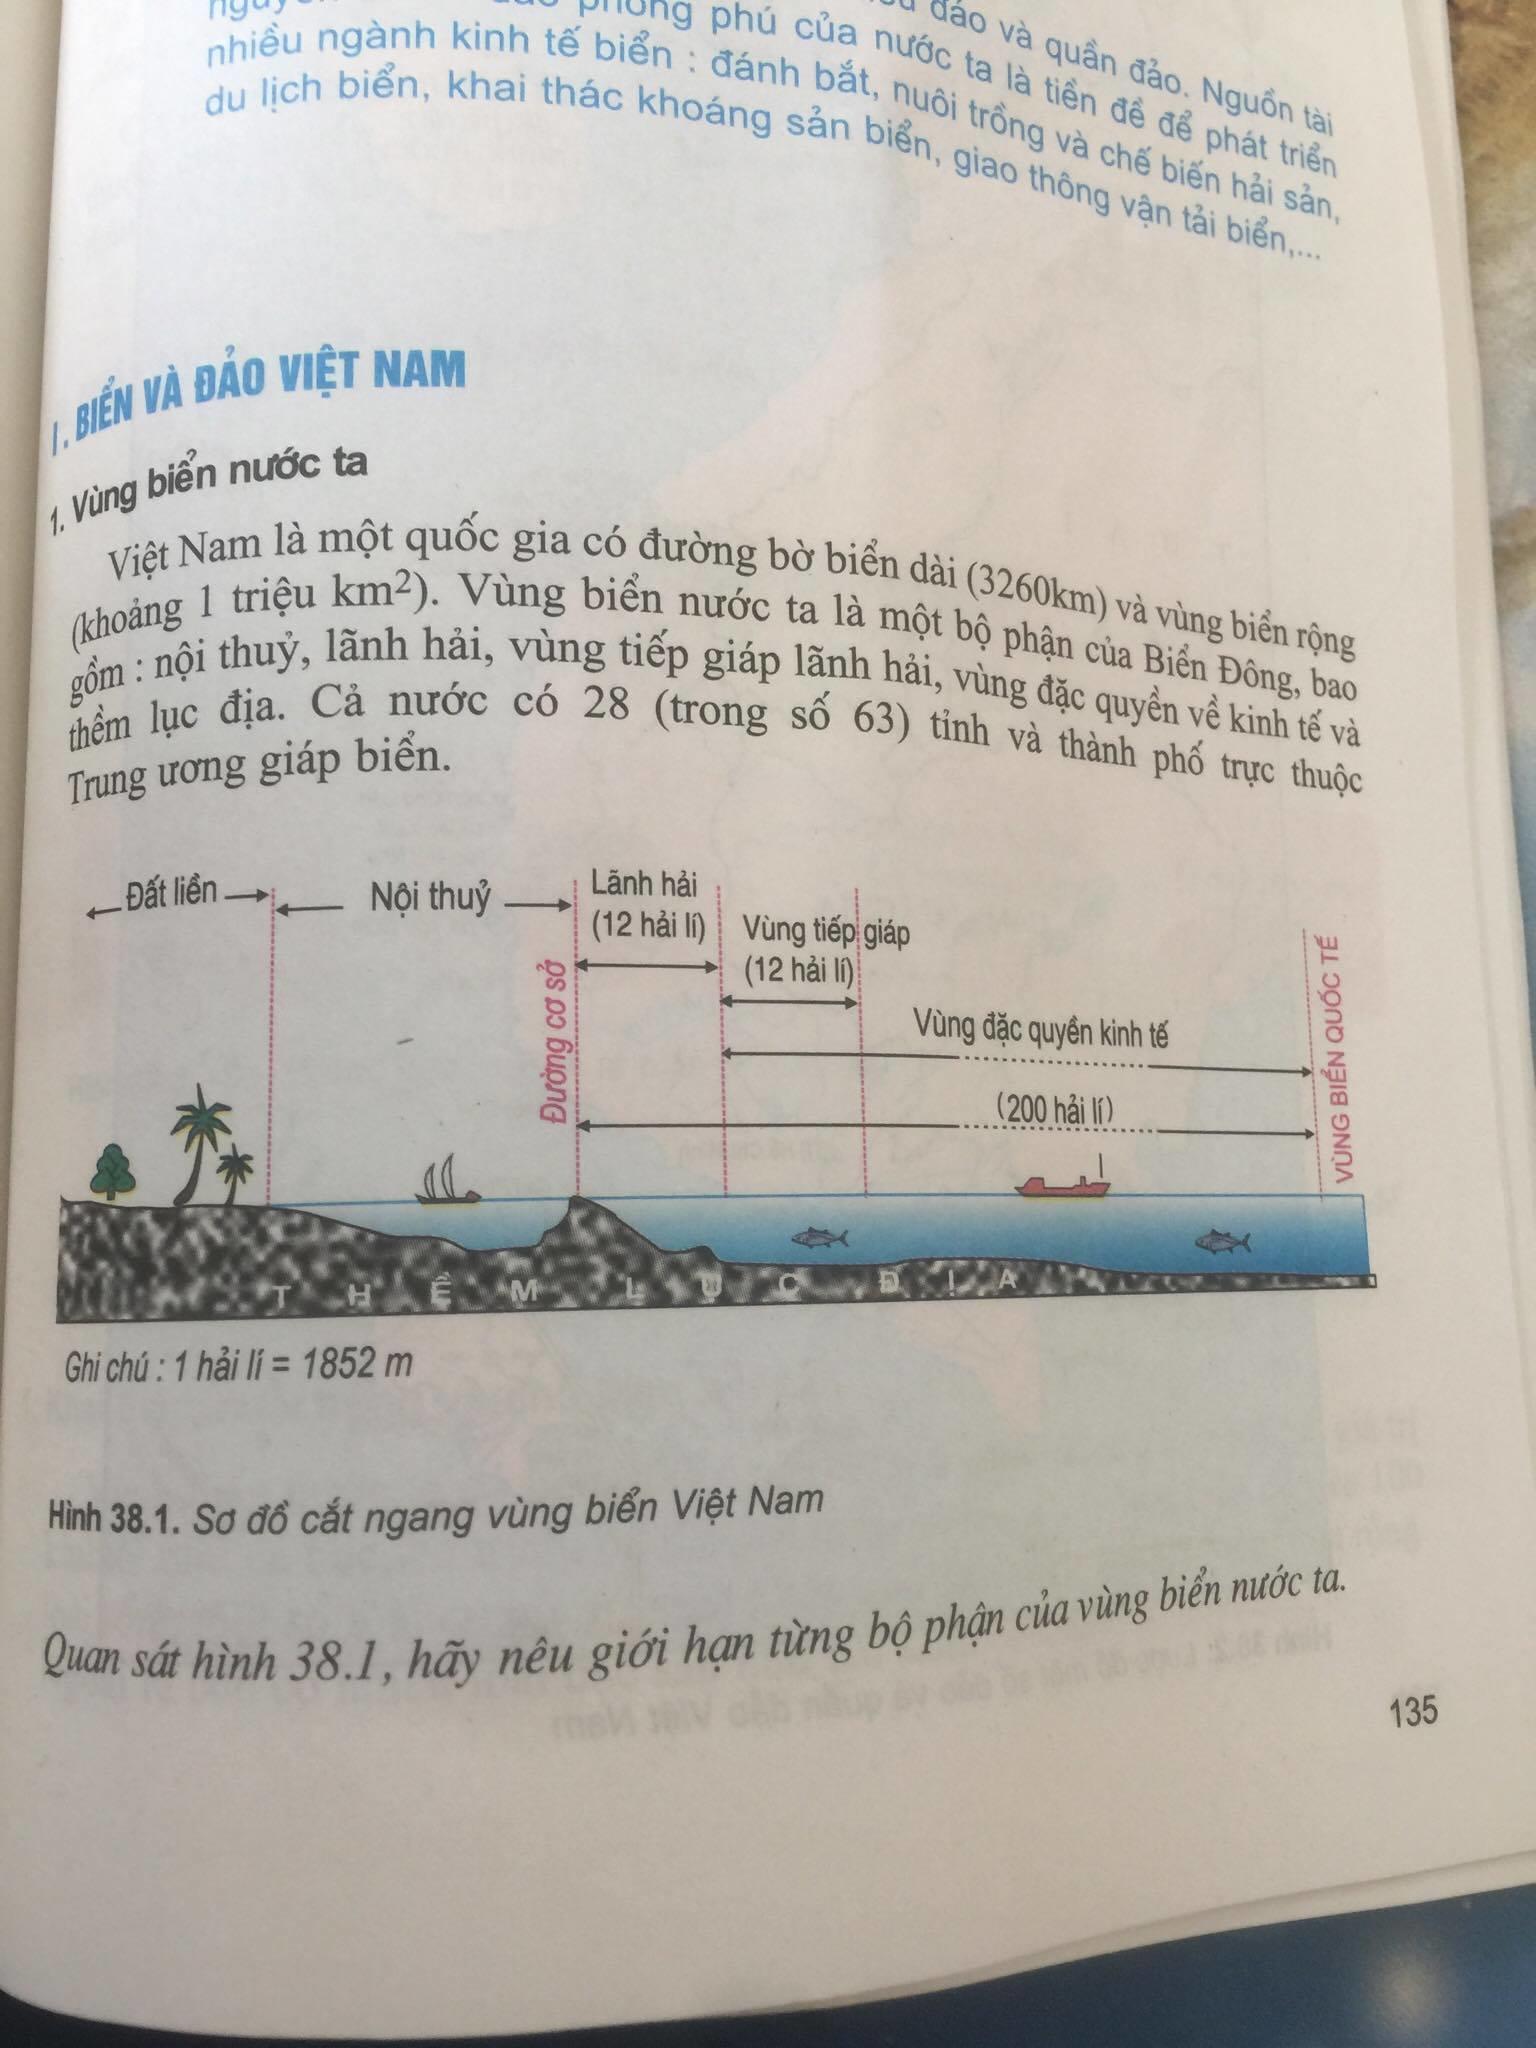 Giải bài tập Địa lý lớp 9 Bài 38: Phát triển tổng hợp kinh tế và bảo vệ tài nguyên, môi trường Biển - Đảo